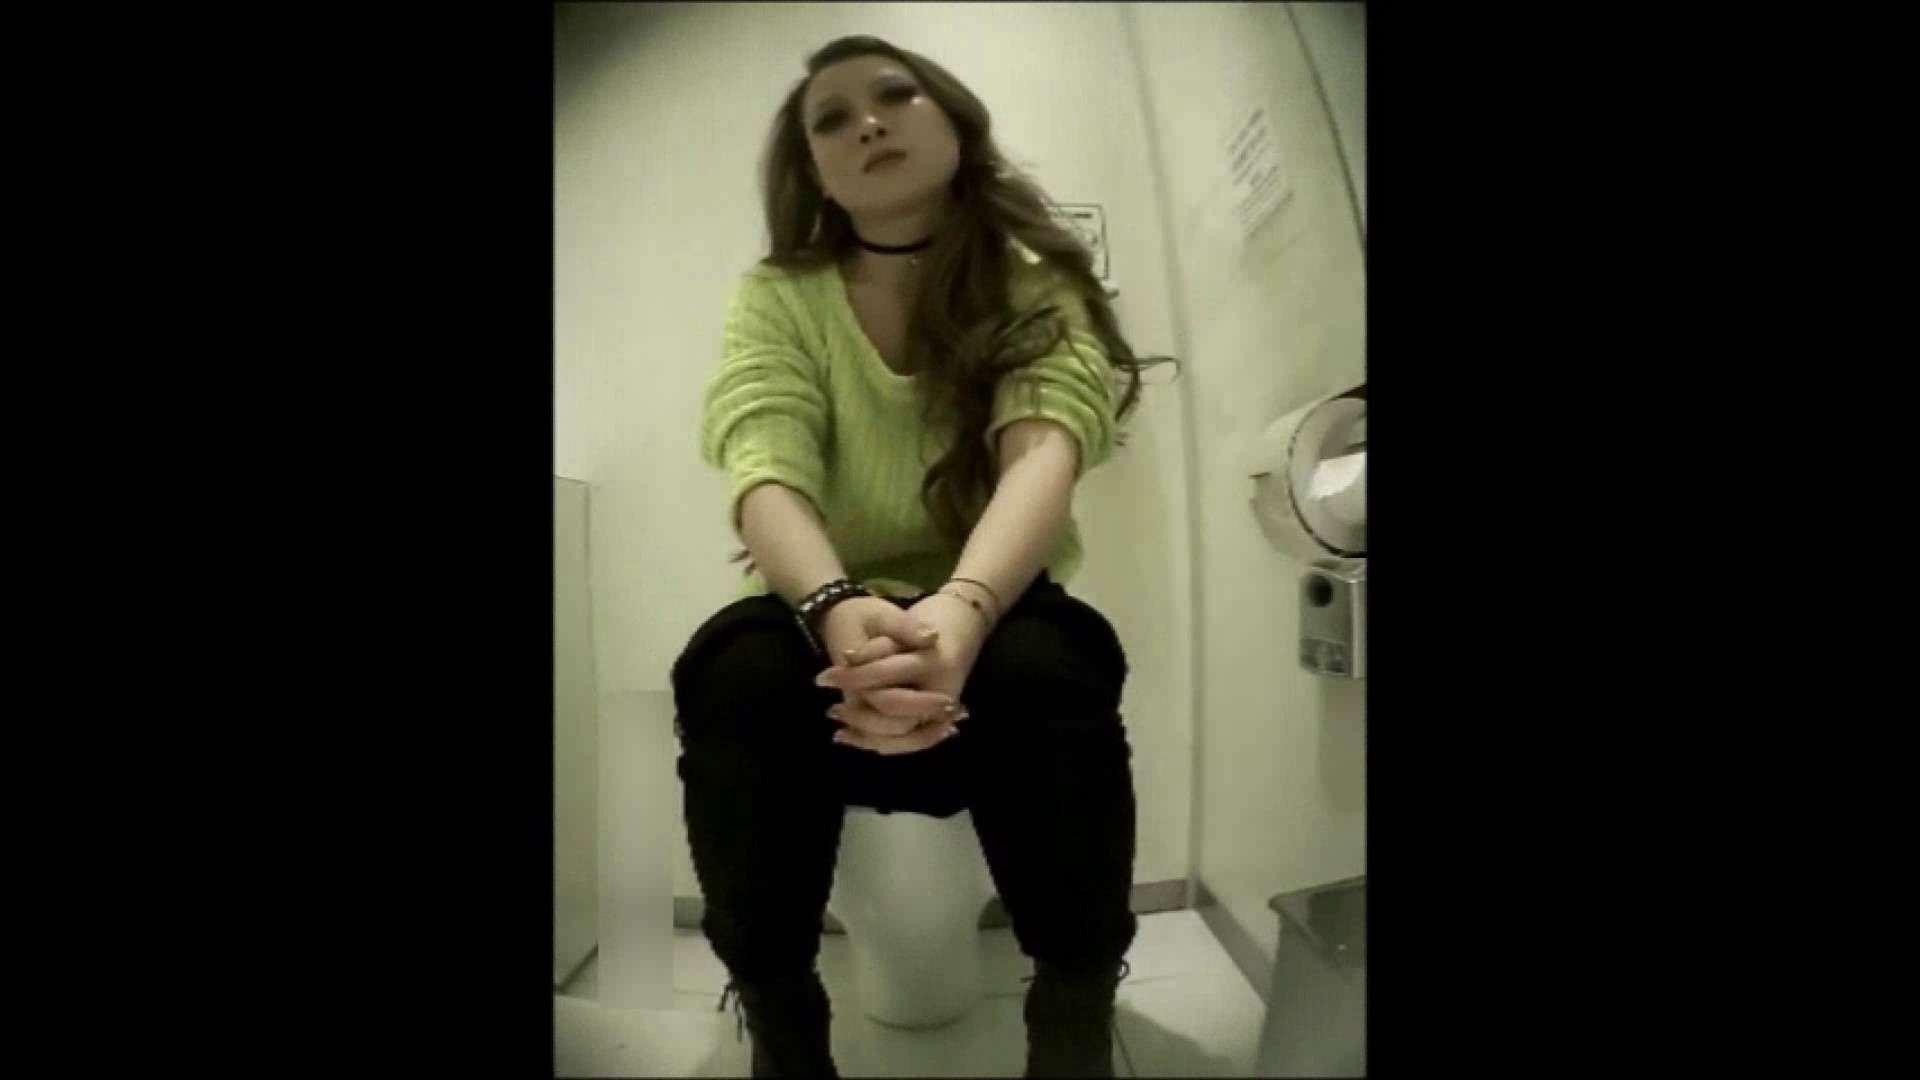 洗面所盗撮~隣の美人お姉さんVol.16 洗面所 盗撮セックス無修正動画無料 39pic 22